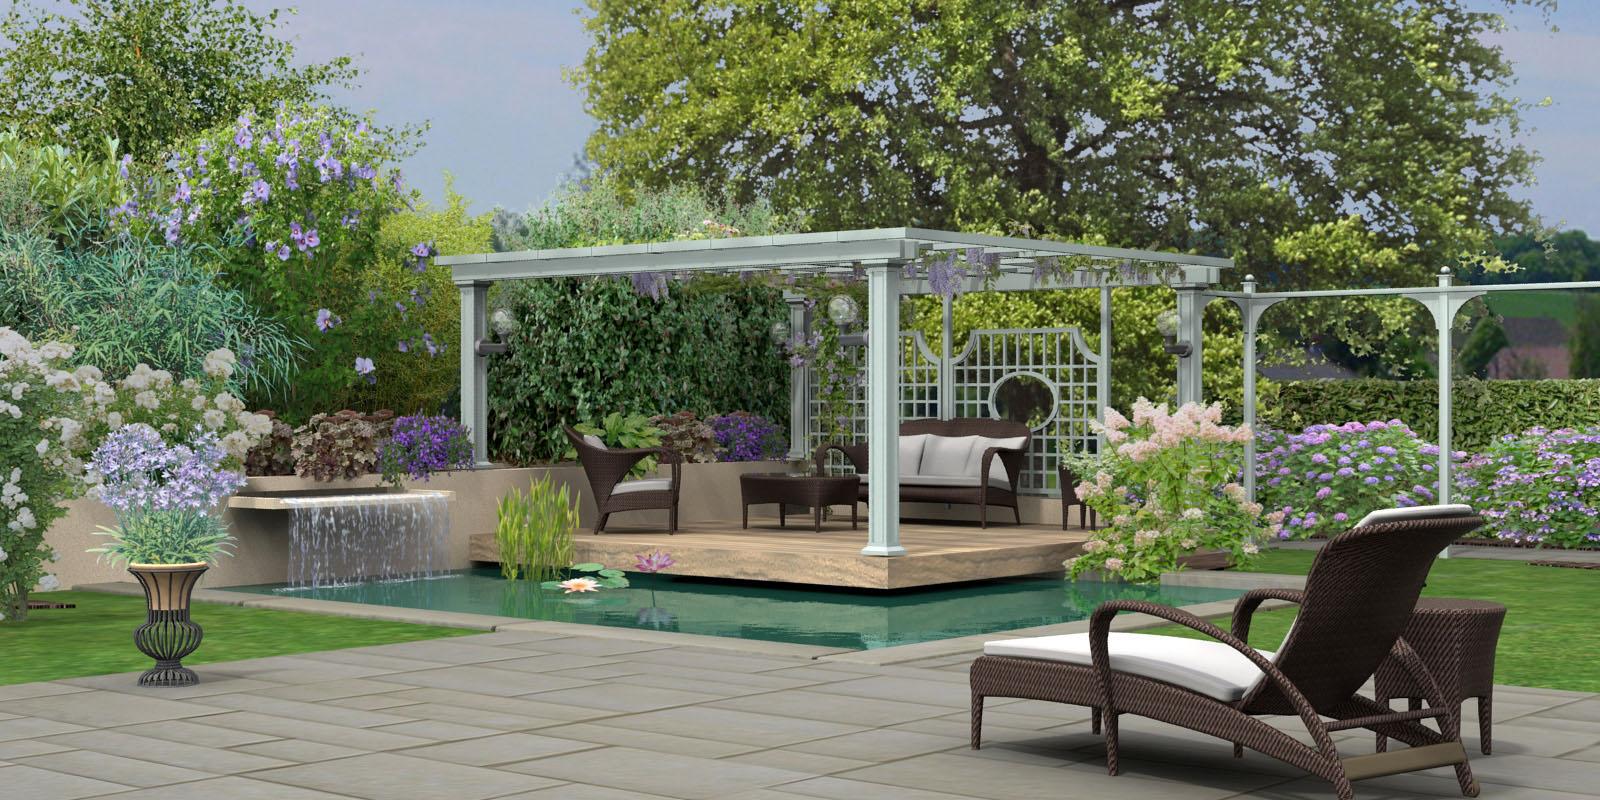 Hortus3D Création De Plans De Jardin 3D En Réalité Virtuelle intérieur Créer Un Plan De Jardin Gratuit